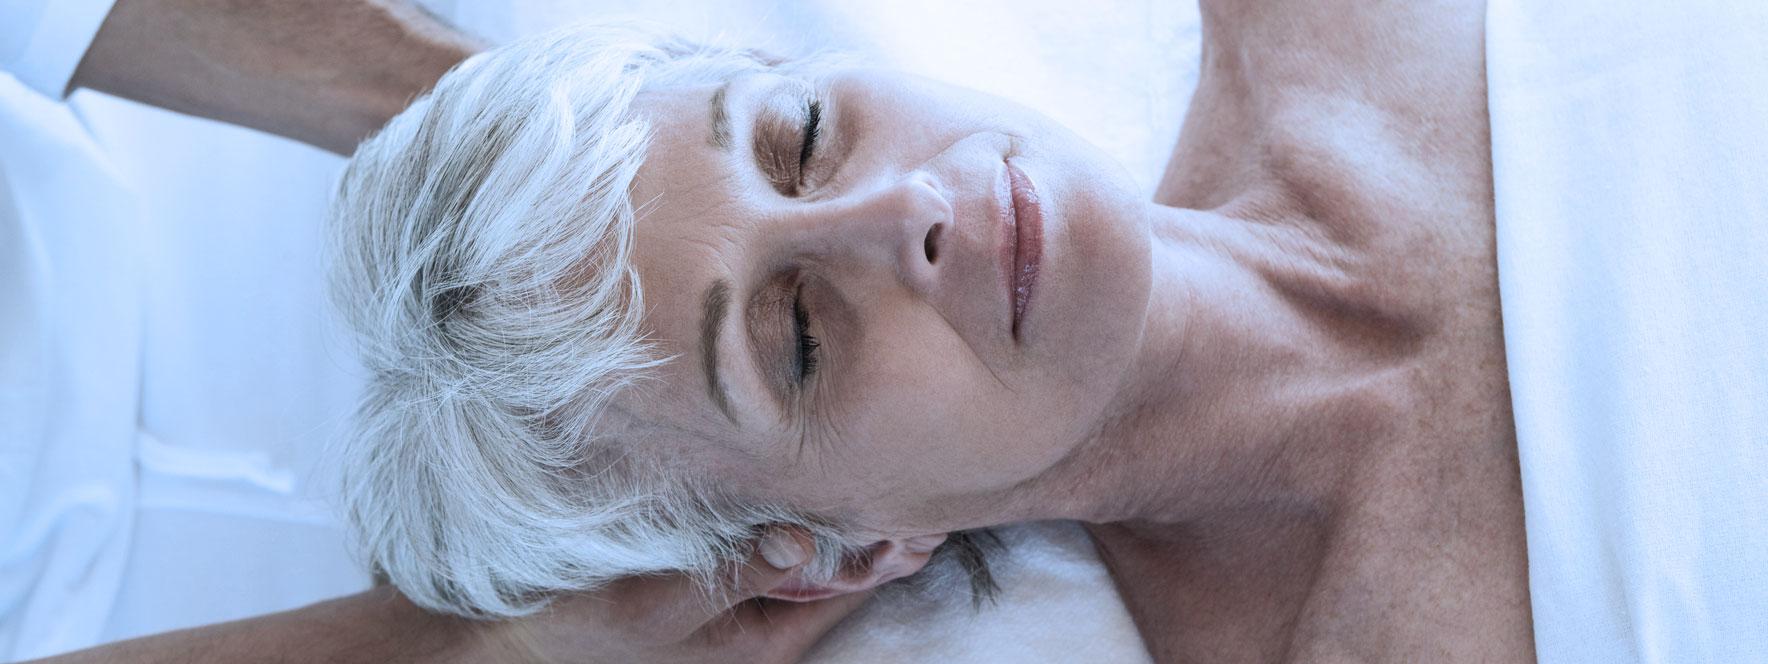 La massothérapie pour prévenir les effets du vieillissement - Blogue du Réseau